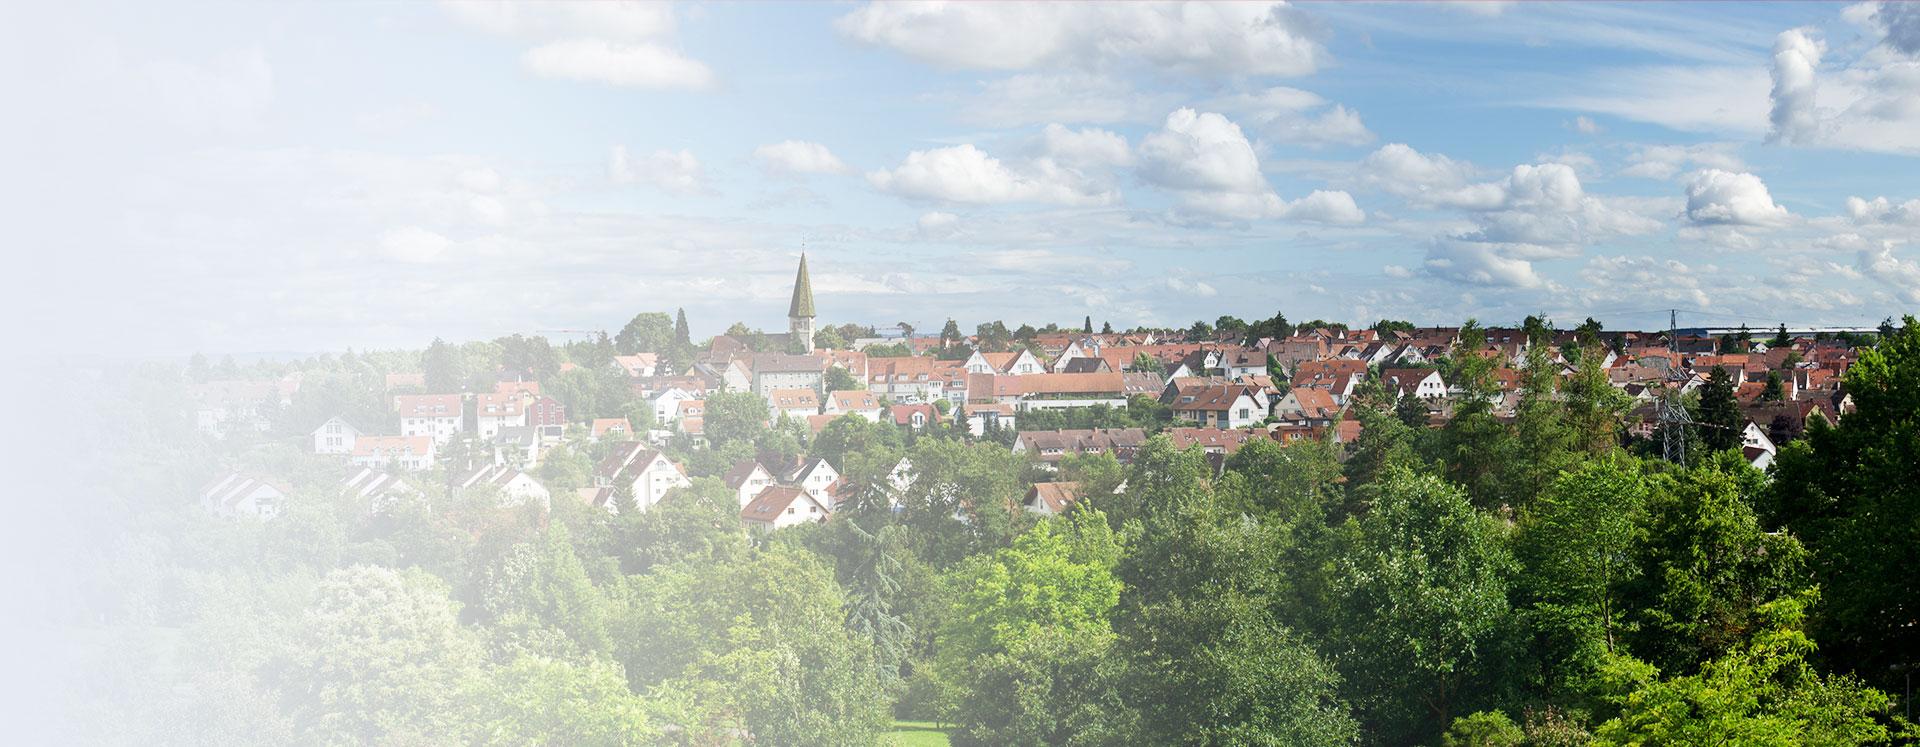 Diakonie in Plieningen-Birkach